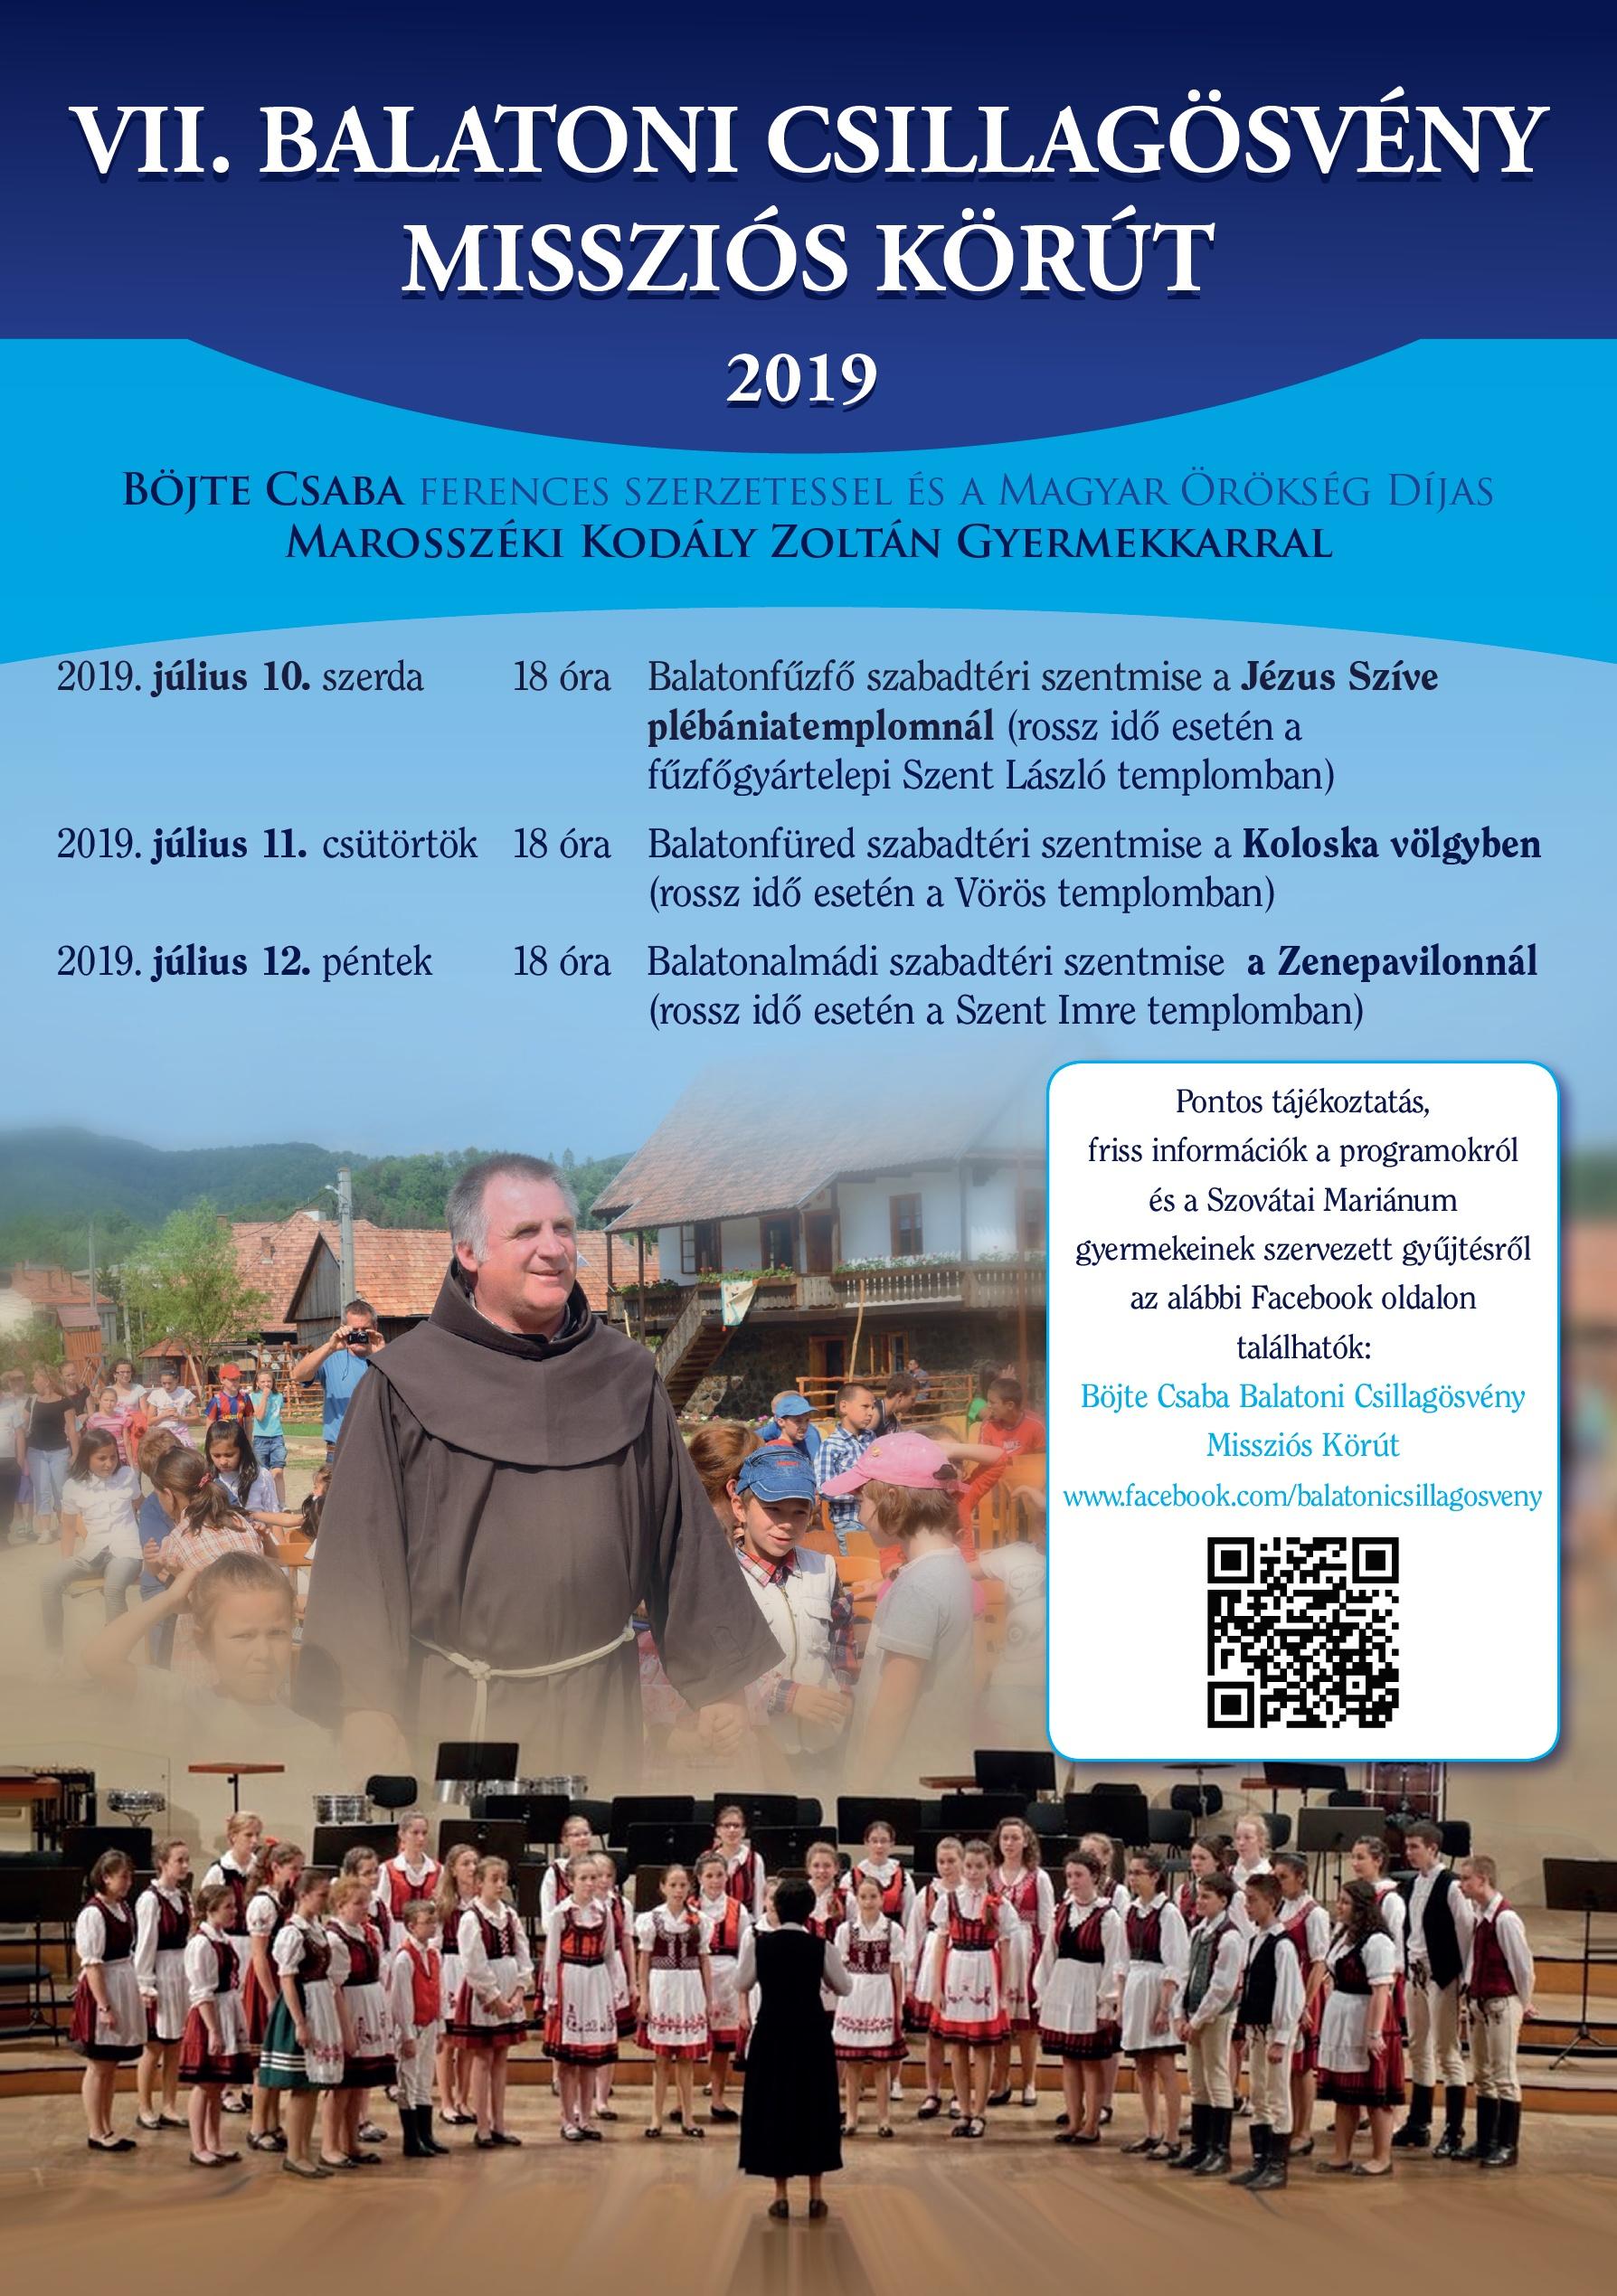 VII. Balatoni Csillagösvény Missziós Körút - 2019 - Koloska-völgy - Bakonyerdő Zrt.